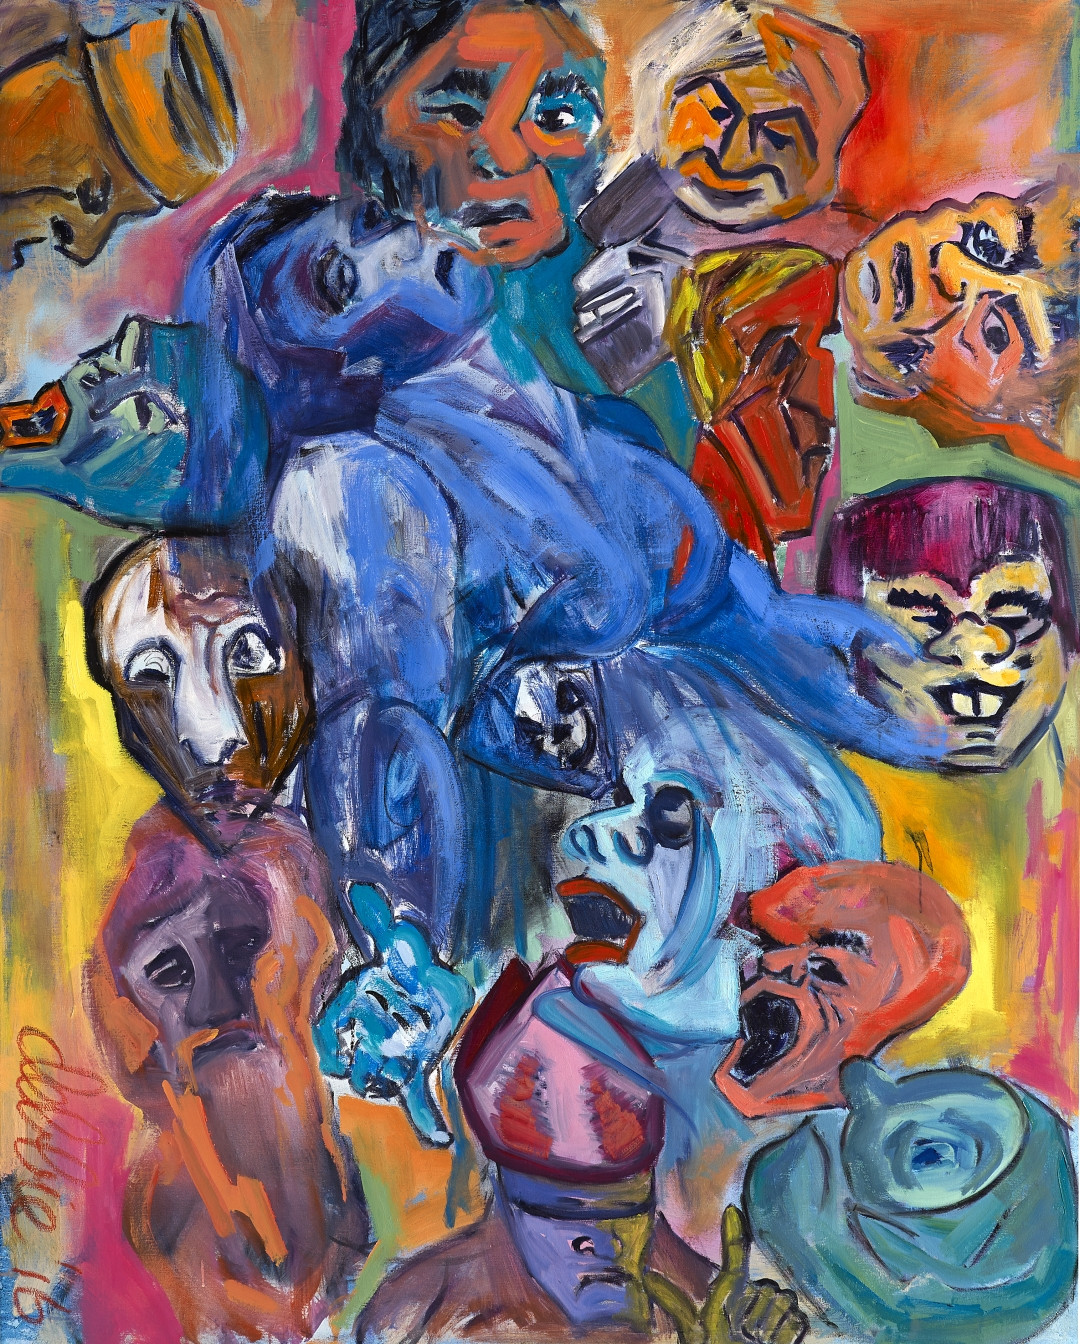 Sweet Misery - 2016 - oil on linen - 150 x 120 cm